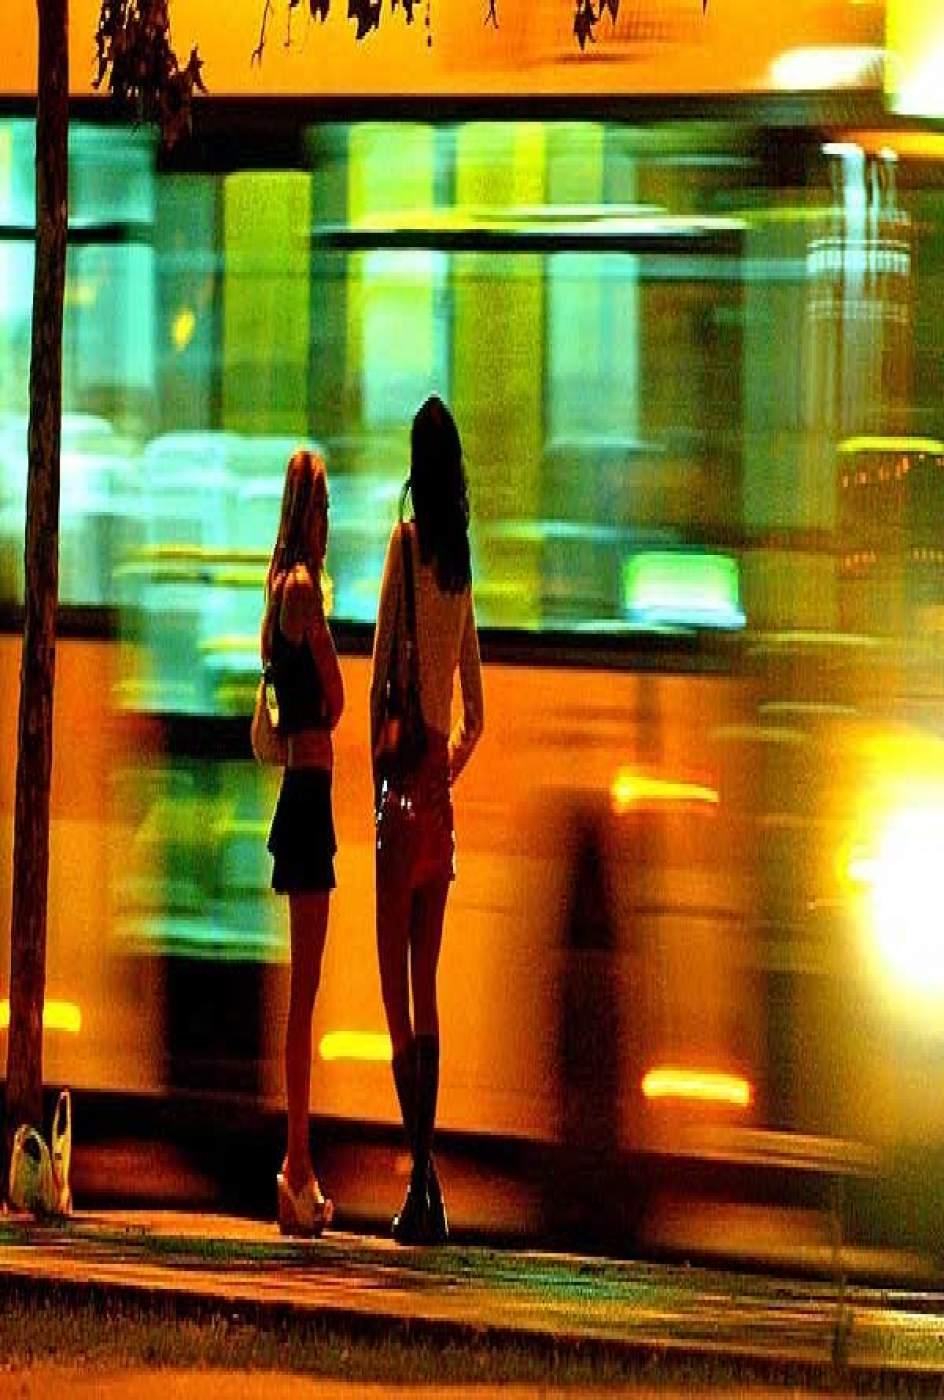 prostitutas africanas follando prostitutas carretera